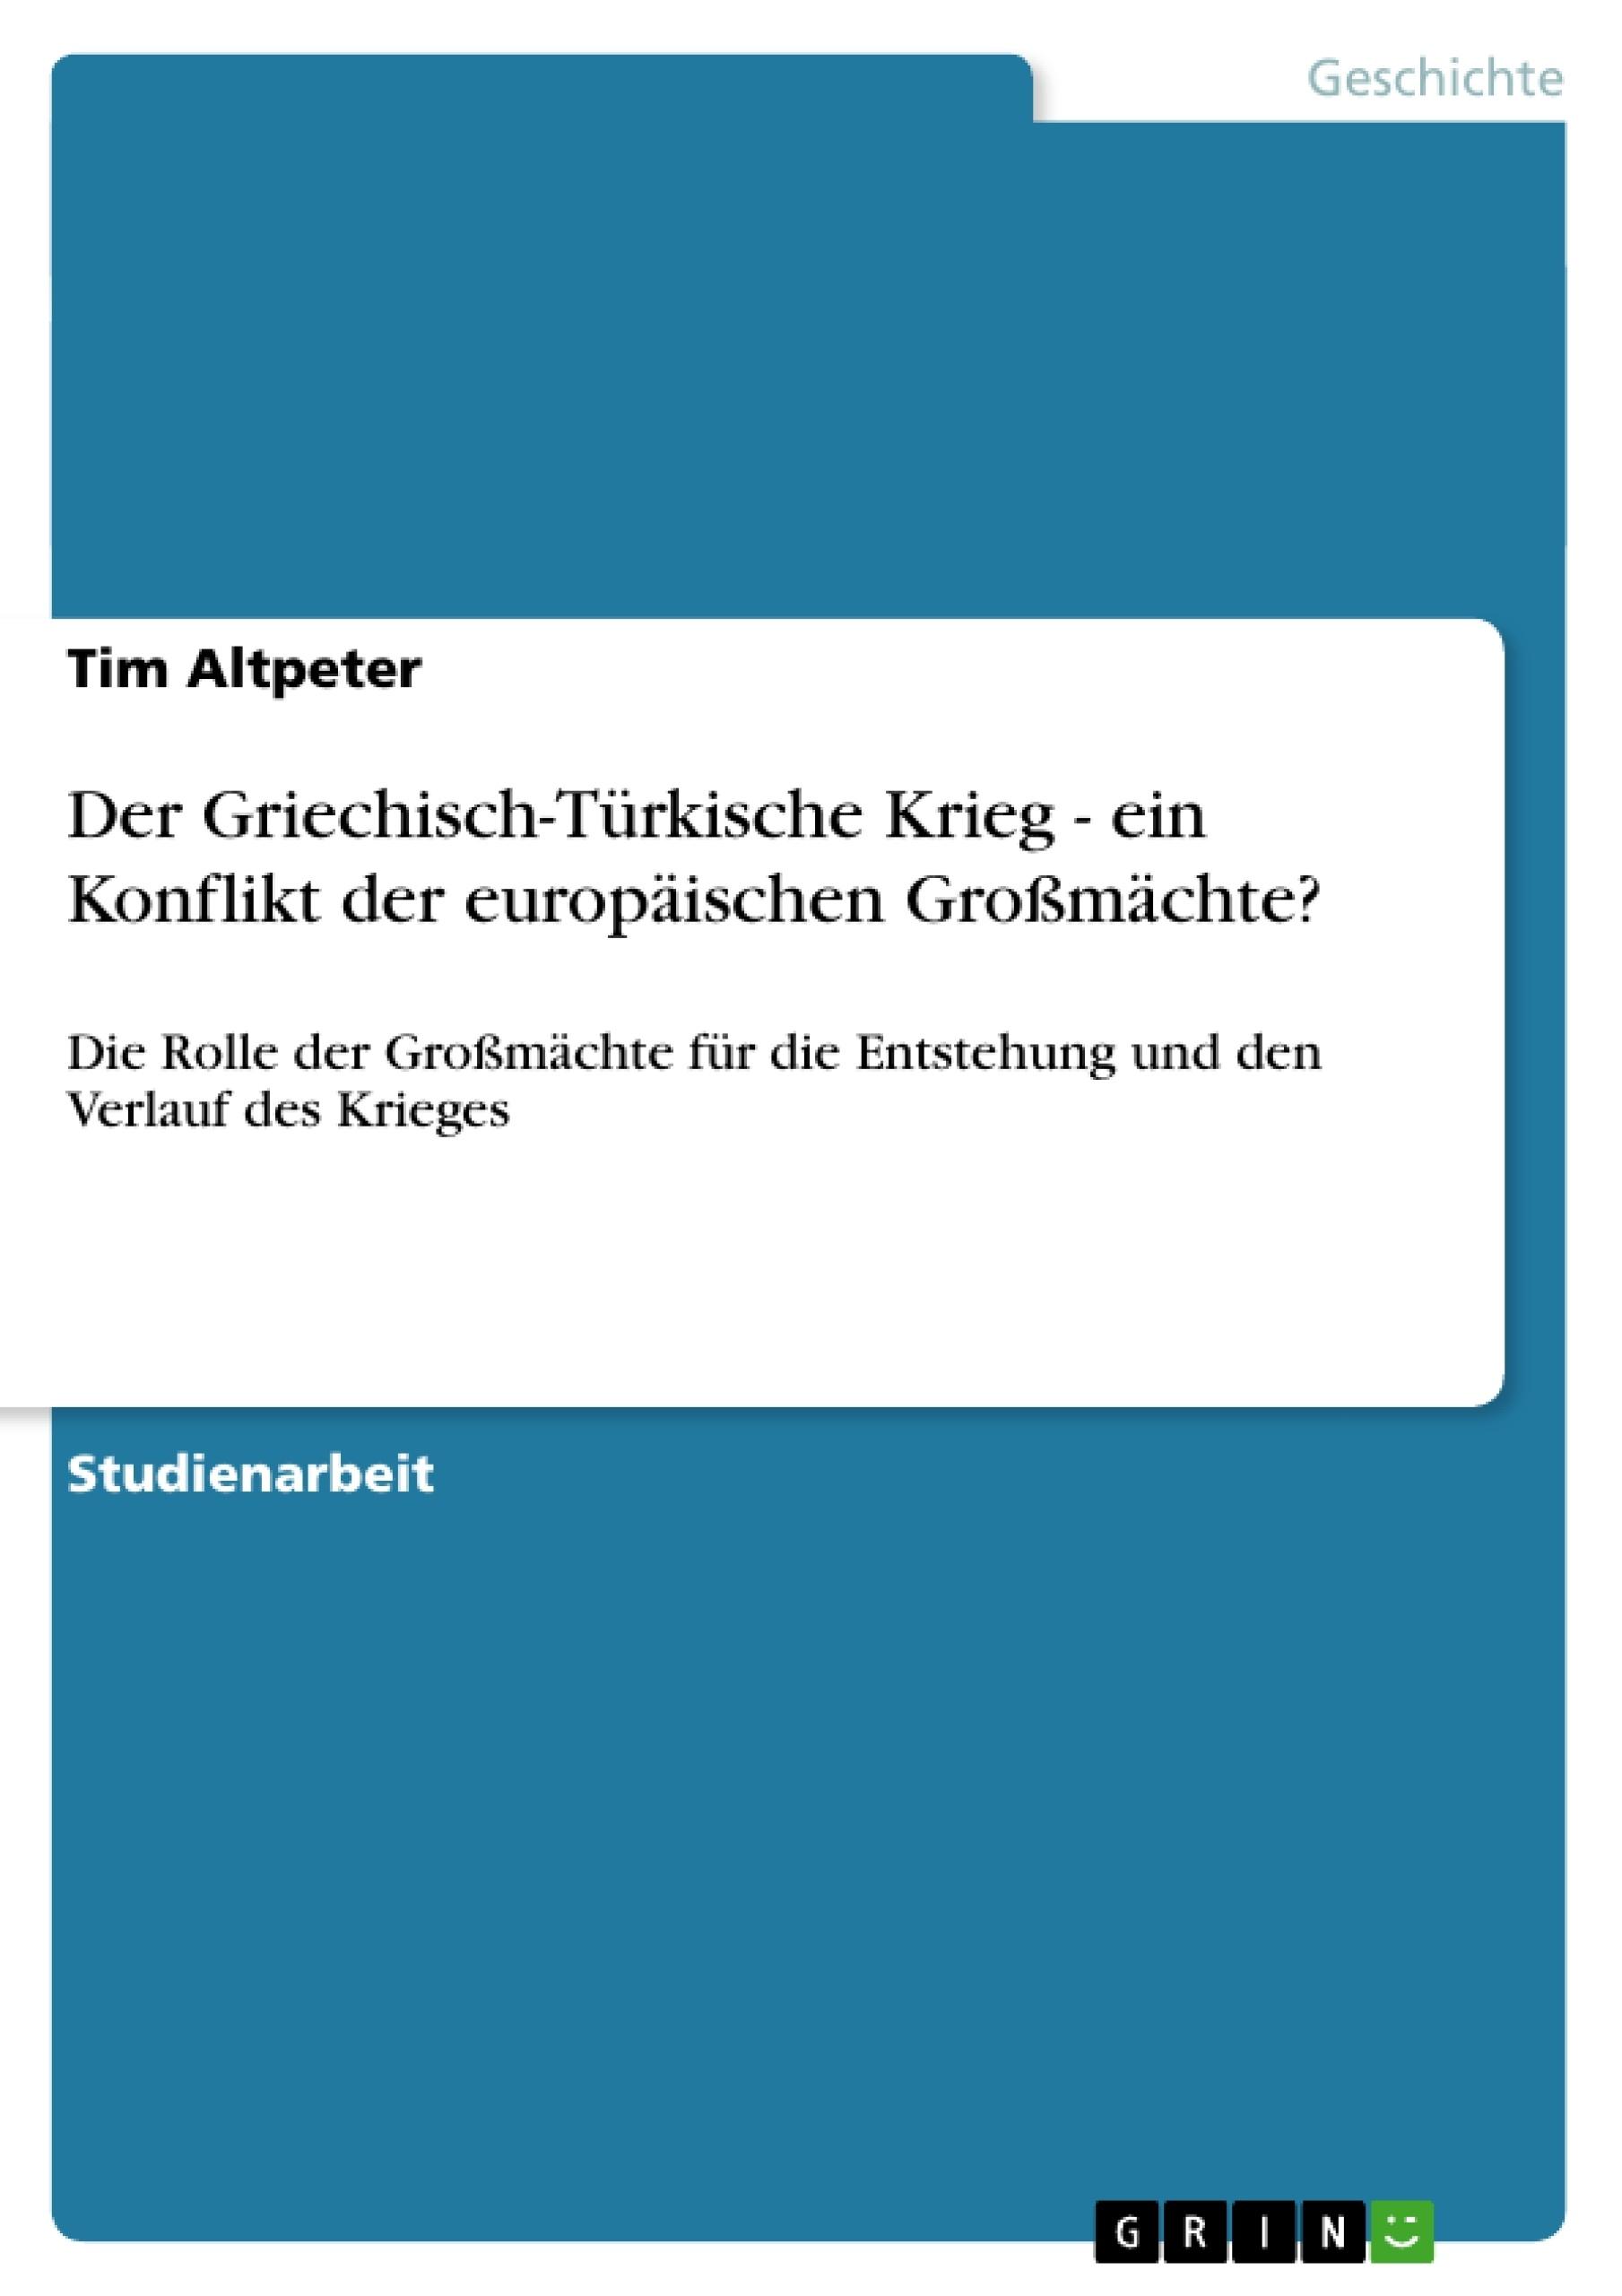 Titel: Der Griechisch-Türkische Krieg - ein Konflikt der europäischen Großmächte?